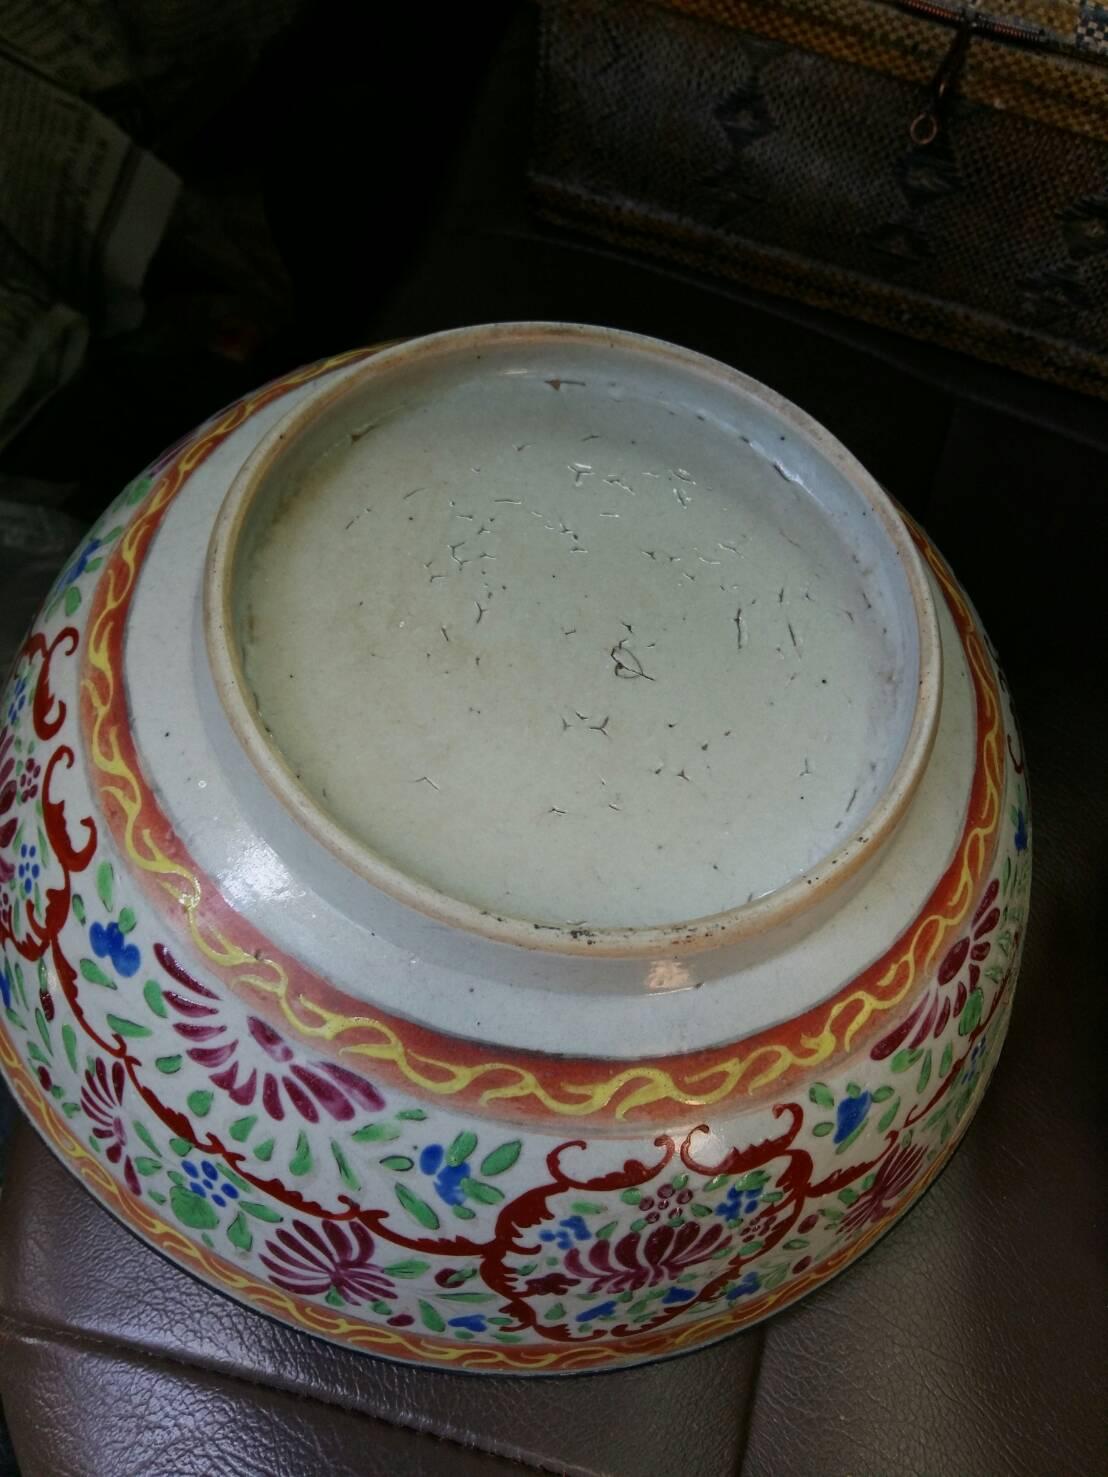 รับซื้อเบญจรงค์เก่า รับซื้อลายครามเก่า รับซื้อเครื่องกระเบื้องเก่า รับซื้อของโบราณ รับซื้อของสะสมเก่า รับซื้อถ้วยจานชามโบราณ